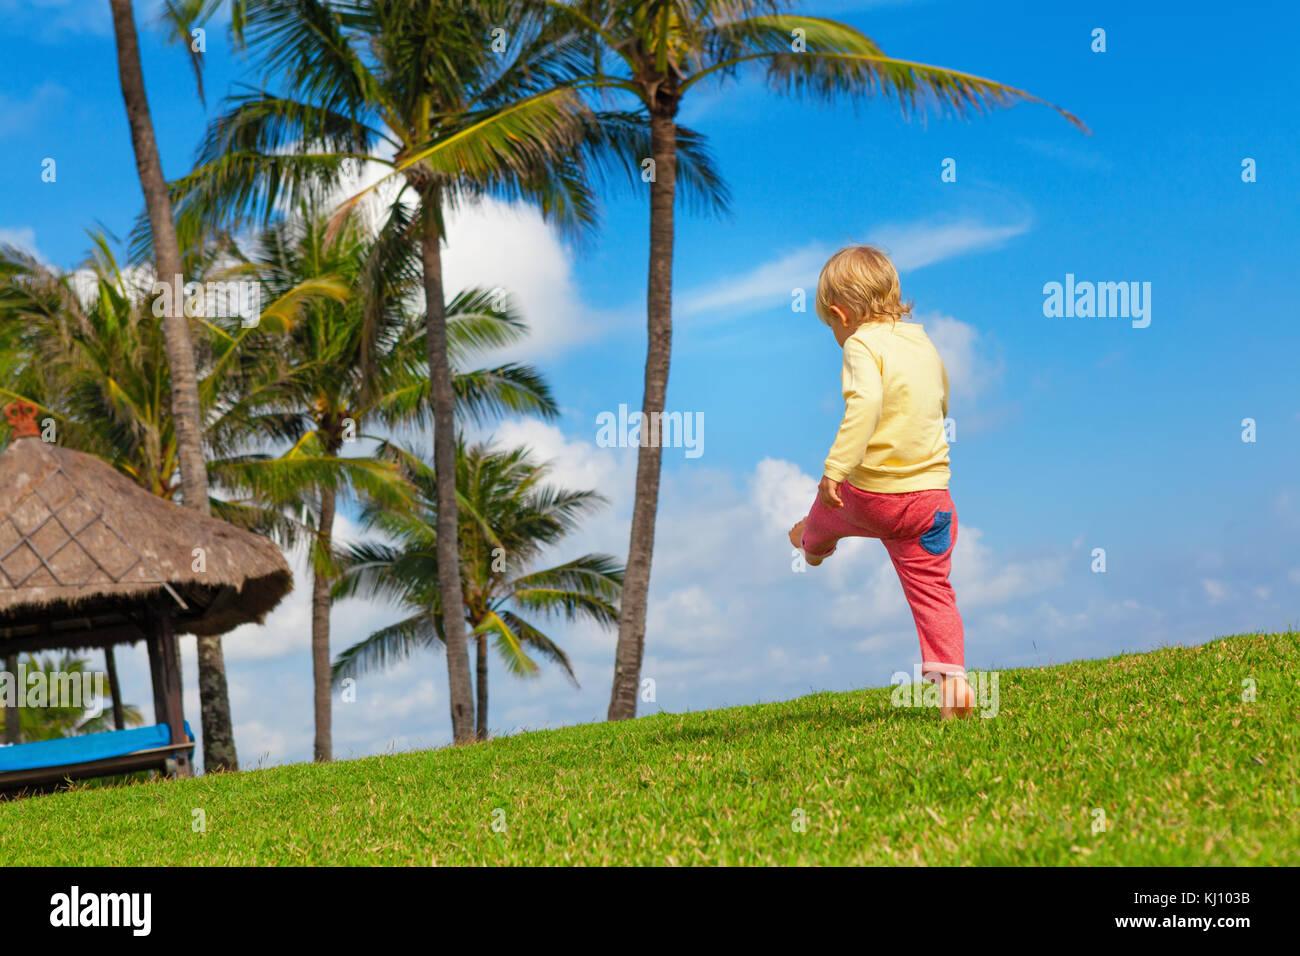 Glückliches Kind haben Spaß an der Außenseite zu Fuß ohne Eltern. aktive Junge laufen und springen Stockbild